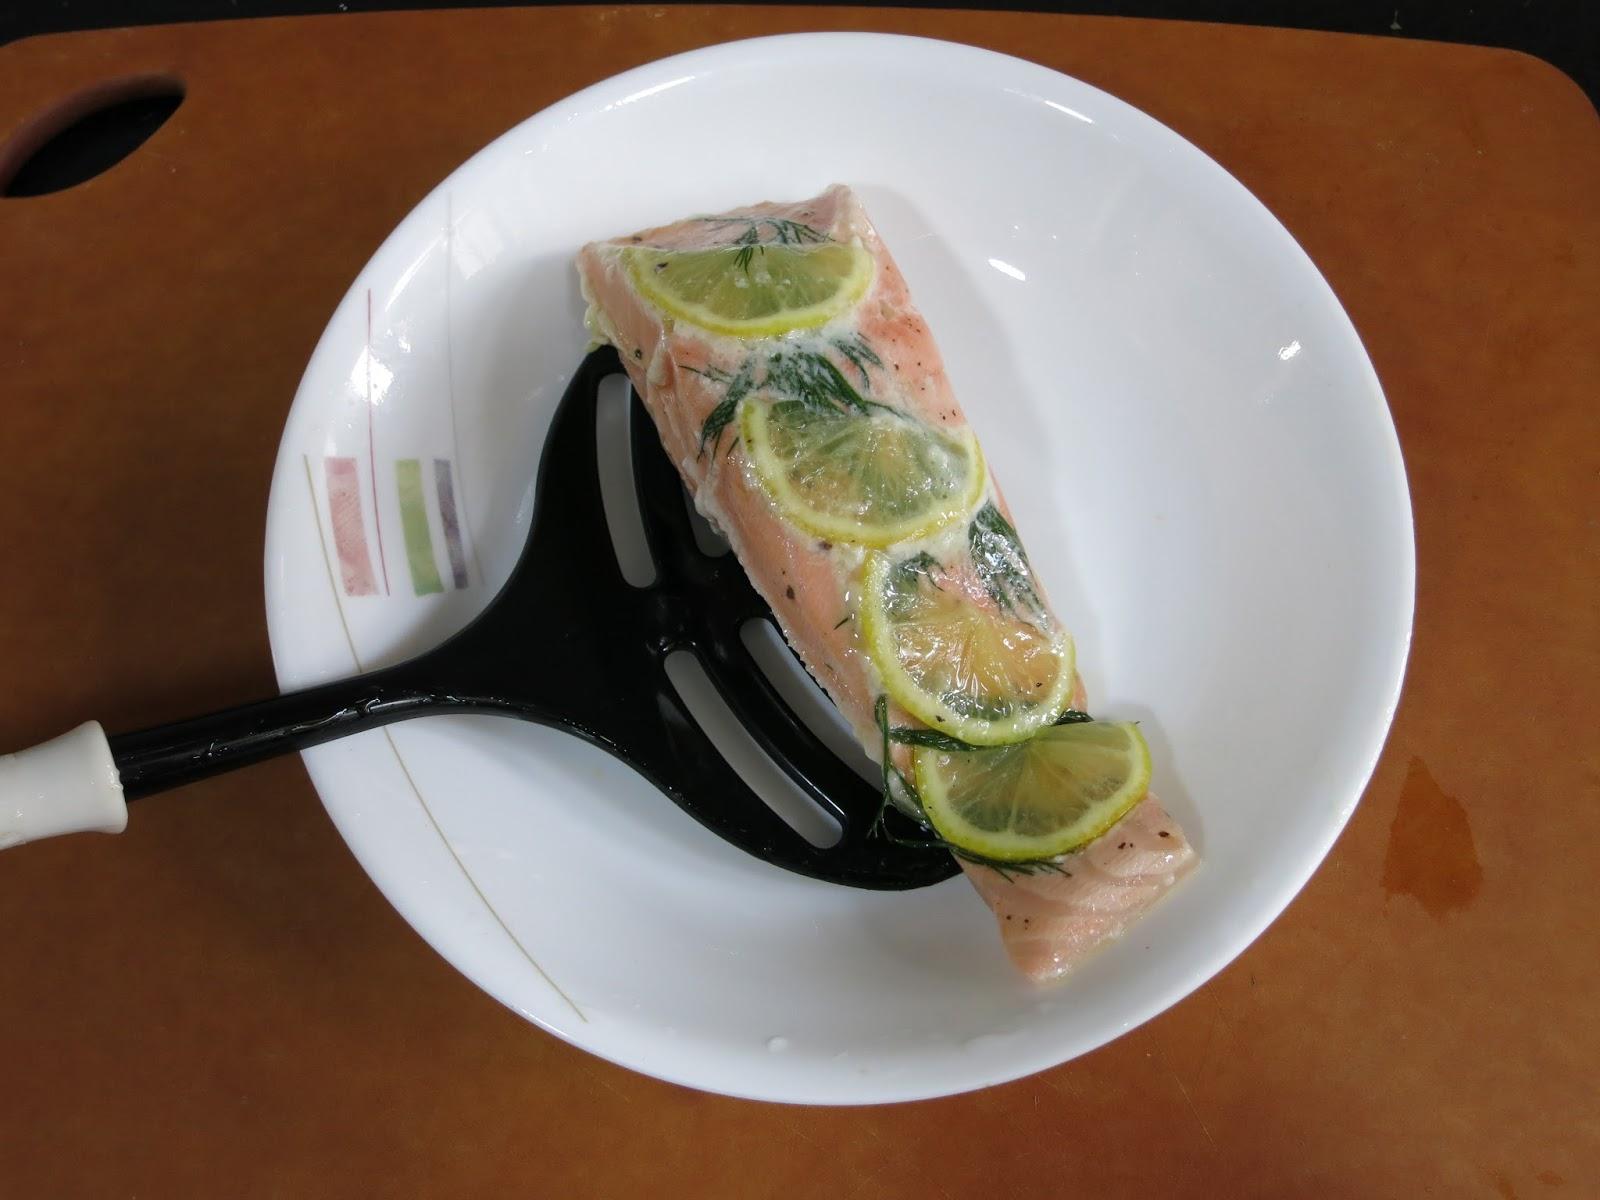 姊妹食譜交換。週記: 慢煮香草三文魚配希臘乳酪醬 - Nolwenn & Cole Slow-Cooking Tower 慢煮器